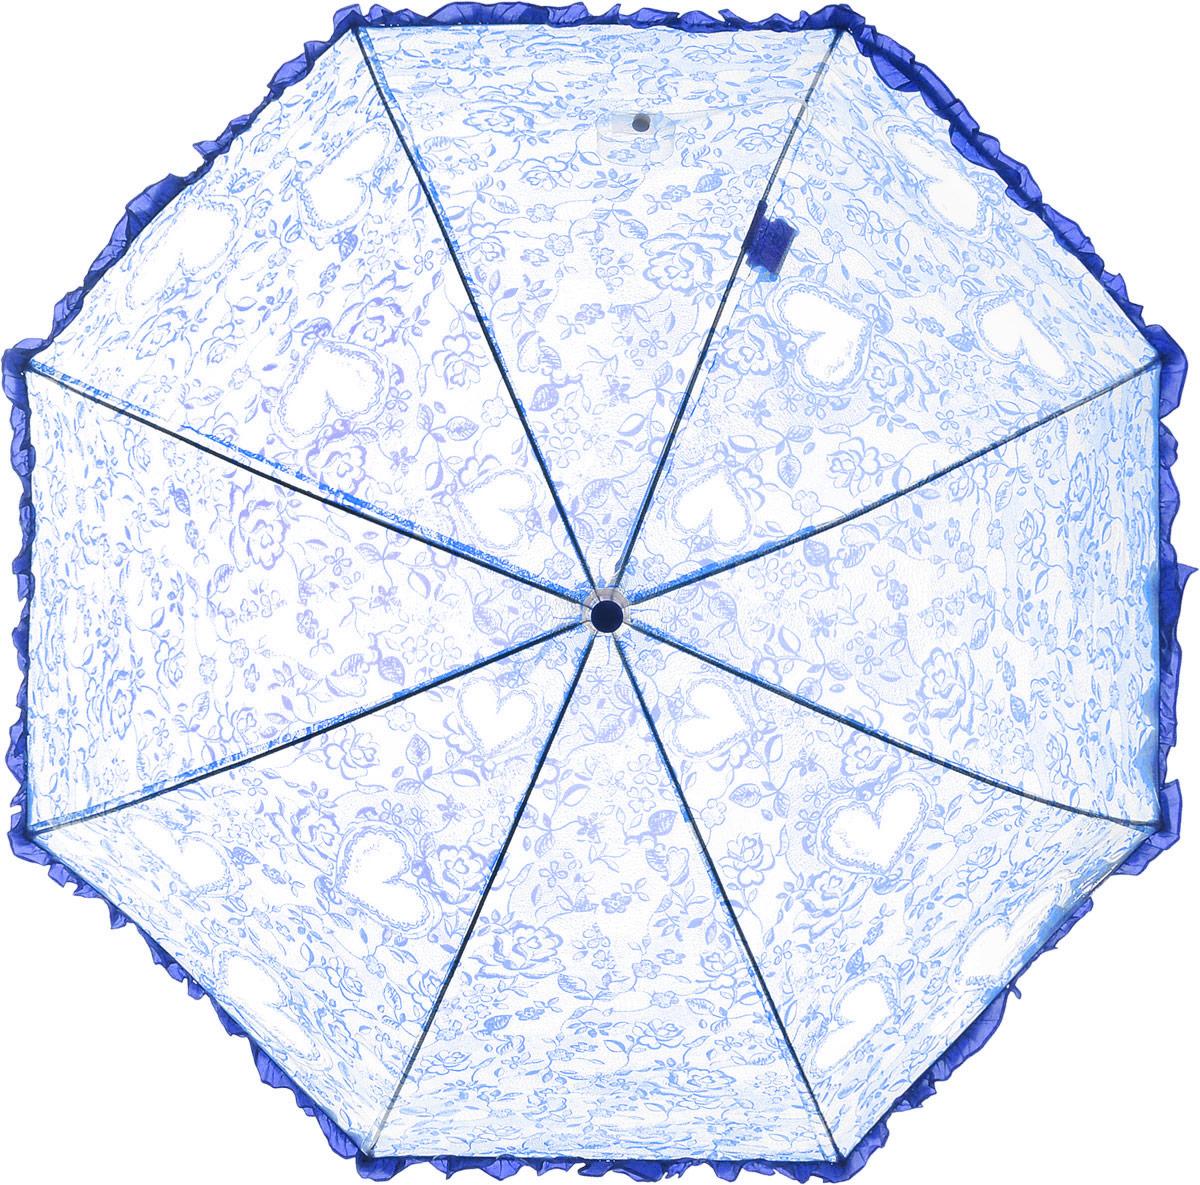 Зонт детский Airton, механический, трость, цвет: прозрачный, синий. 1651-051651-05Замечательный прозрачный зонтик Airton для юной модницы с рисунком сердечки. Механизм зонта - полуавтомат. Купол зонта изготовлен из прочного ПВХ. Практичная рукоятка закругленной формы разработана с учетом требований эргономики и выполнена из качественного пластика с противоскользящей обработкой. Аксессуар сделан с соблюдением всех стандартов безопасности, острые концы заблокированы специальными клипсами, ручка в форме крюка позволит легко повесить зонт даже на собственную руку.